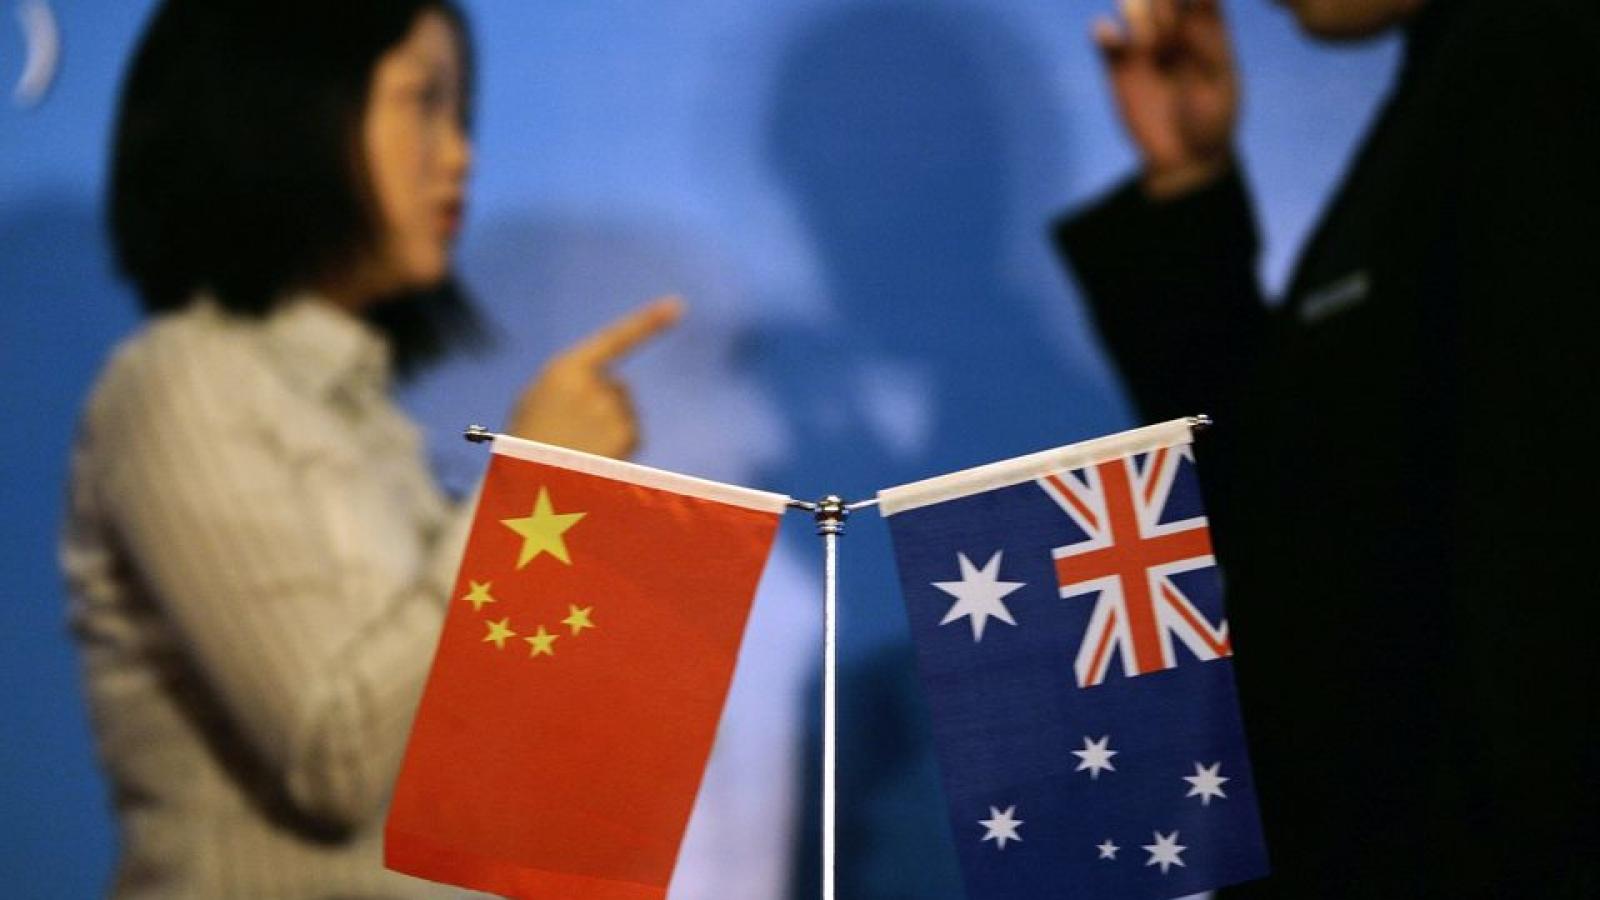 """Trung Quốc chỉ trích Australia""""gây tổn hại quan hệ"""" khi rút khỏi """"Vành đai, Con đường"""""""